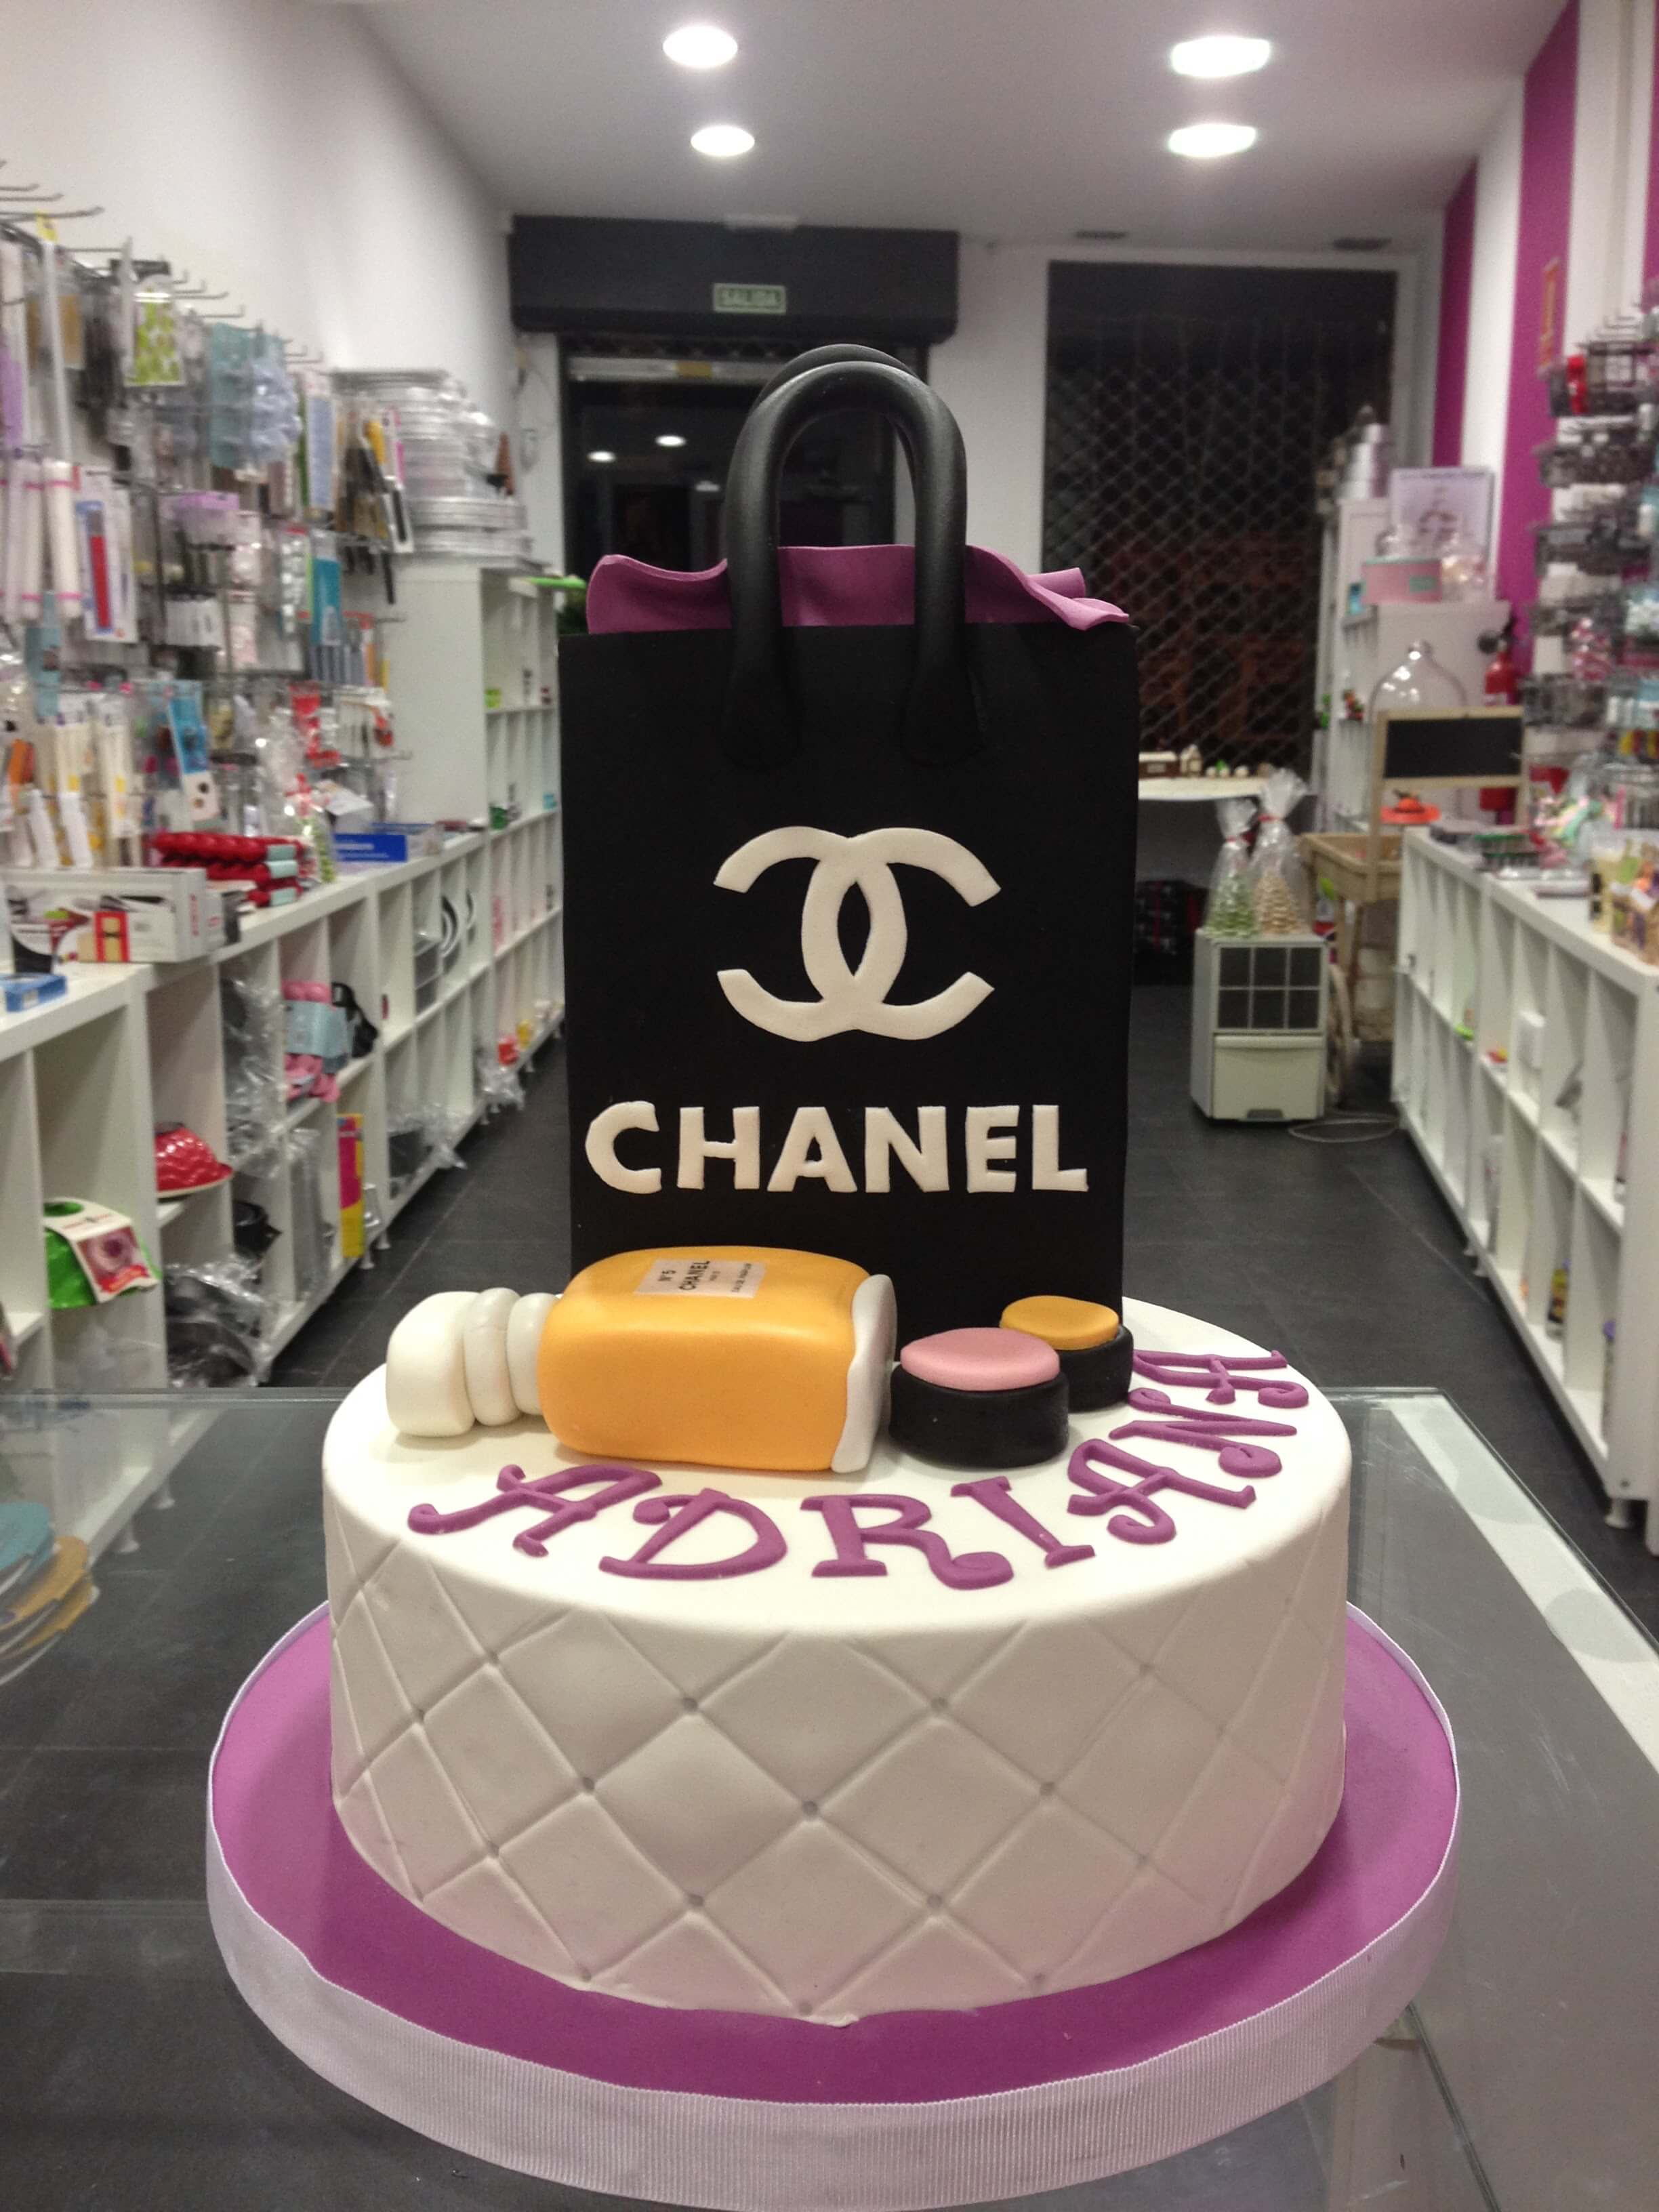 Tarta cumpleaños personalizada coruña moda cosmética maquillaje fondant